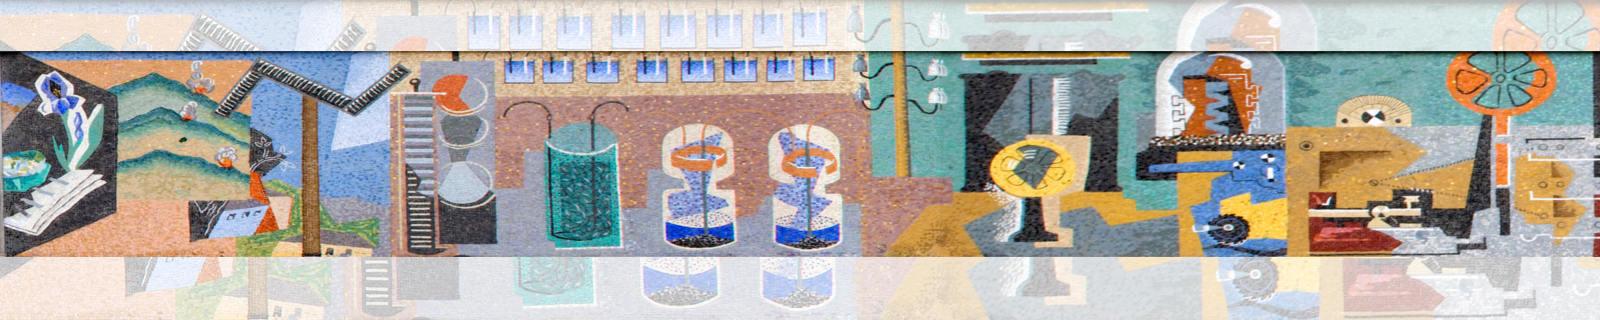 Immagine di testata: foto porzione mosaico di Gino Severini (Palazzo delle Poste)